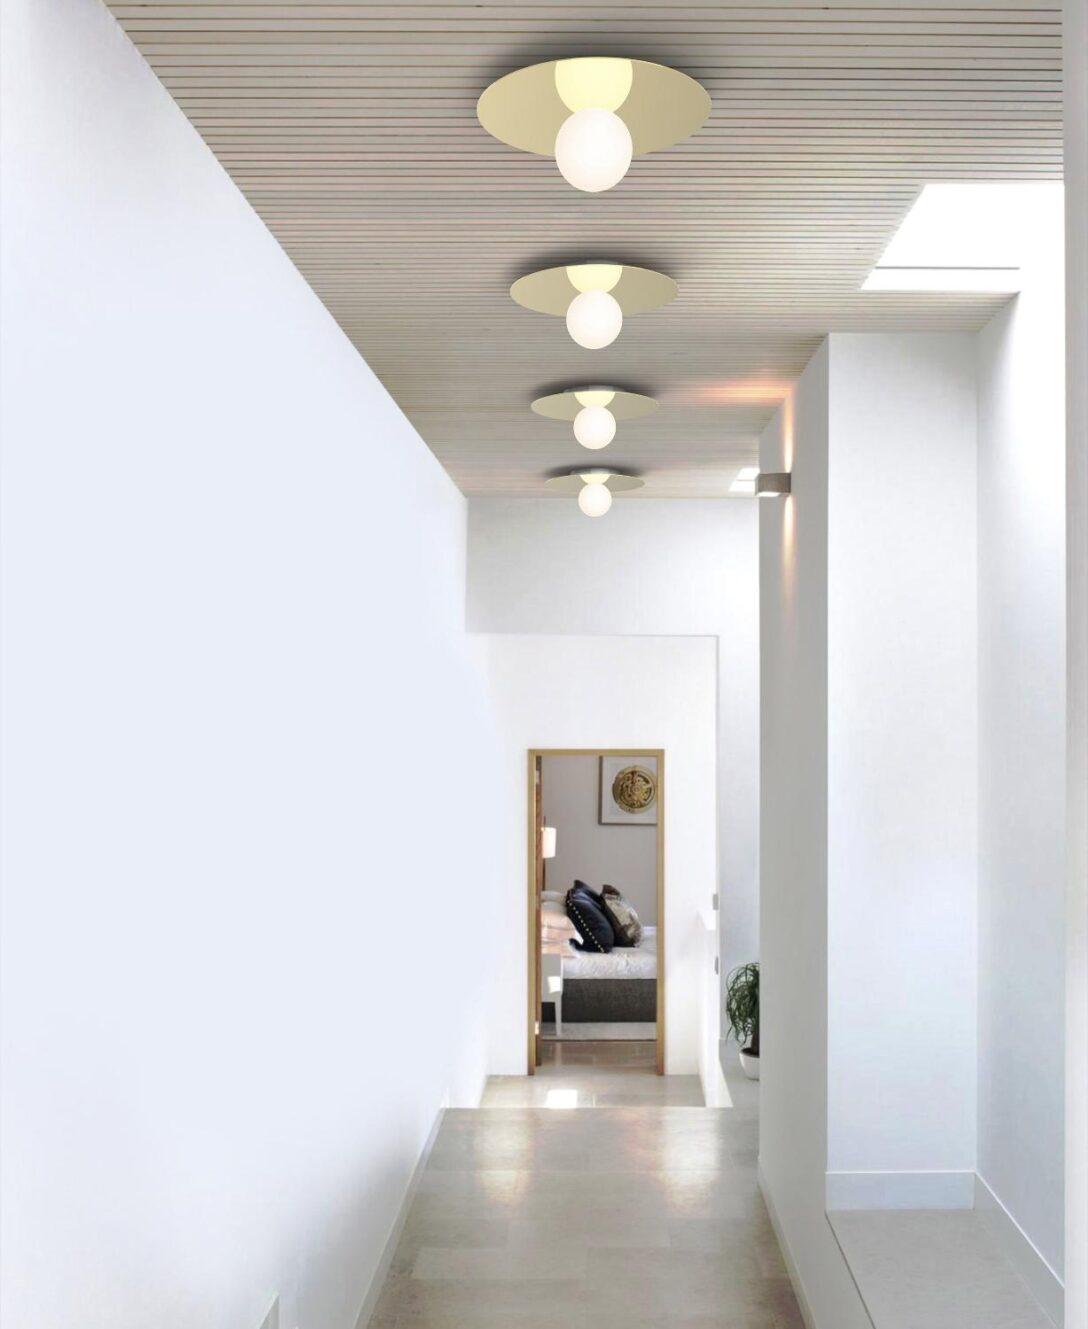 Large Size of Pablo Designs Bola Disc Flush Wand Deckenleuchten Messing Küche Industriedesign Esstische Design Designer Regale Lampen Esstisch Bad Badezimmer Schlafzimmer Wohnzimmer Design Deckenleuchten